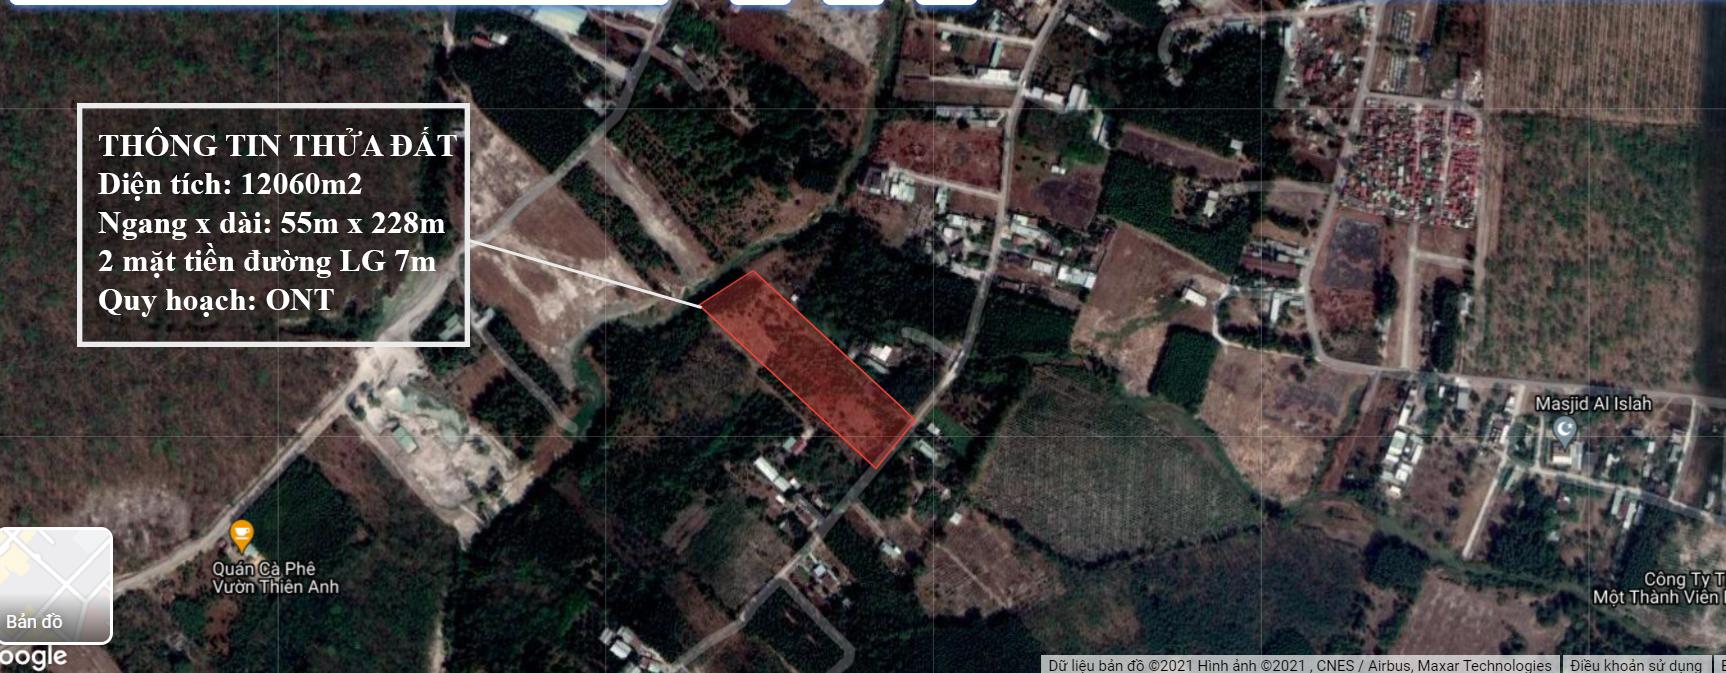 Bán đất xã bình Sơn, Long Thành 1,2ha ONT đất 2 mặt tiền đường chỉ 3,4tr/m2